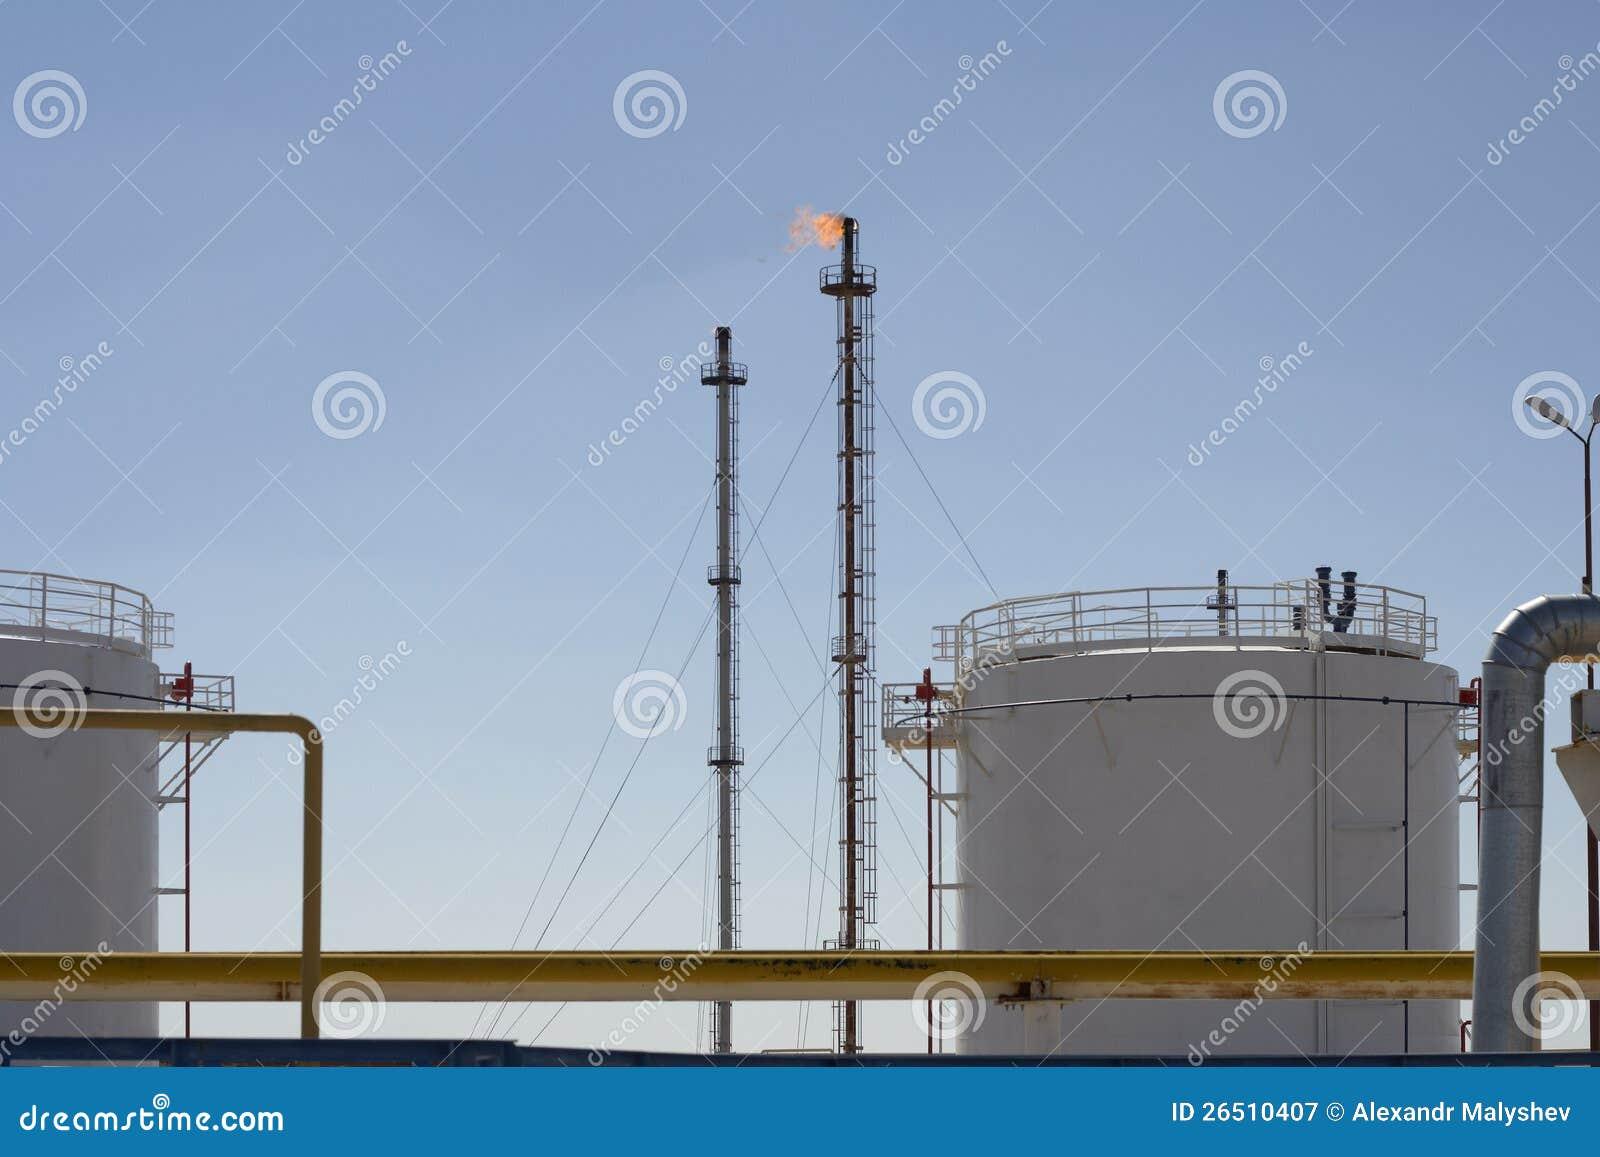 Planta do petroquímico e de gás